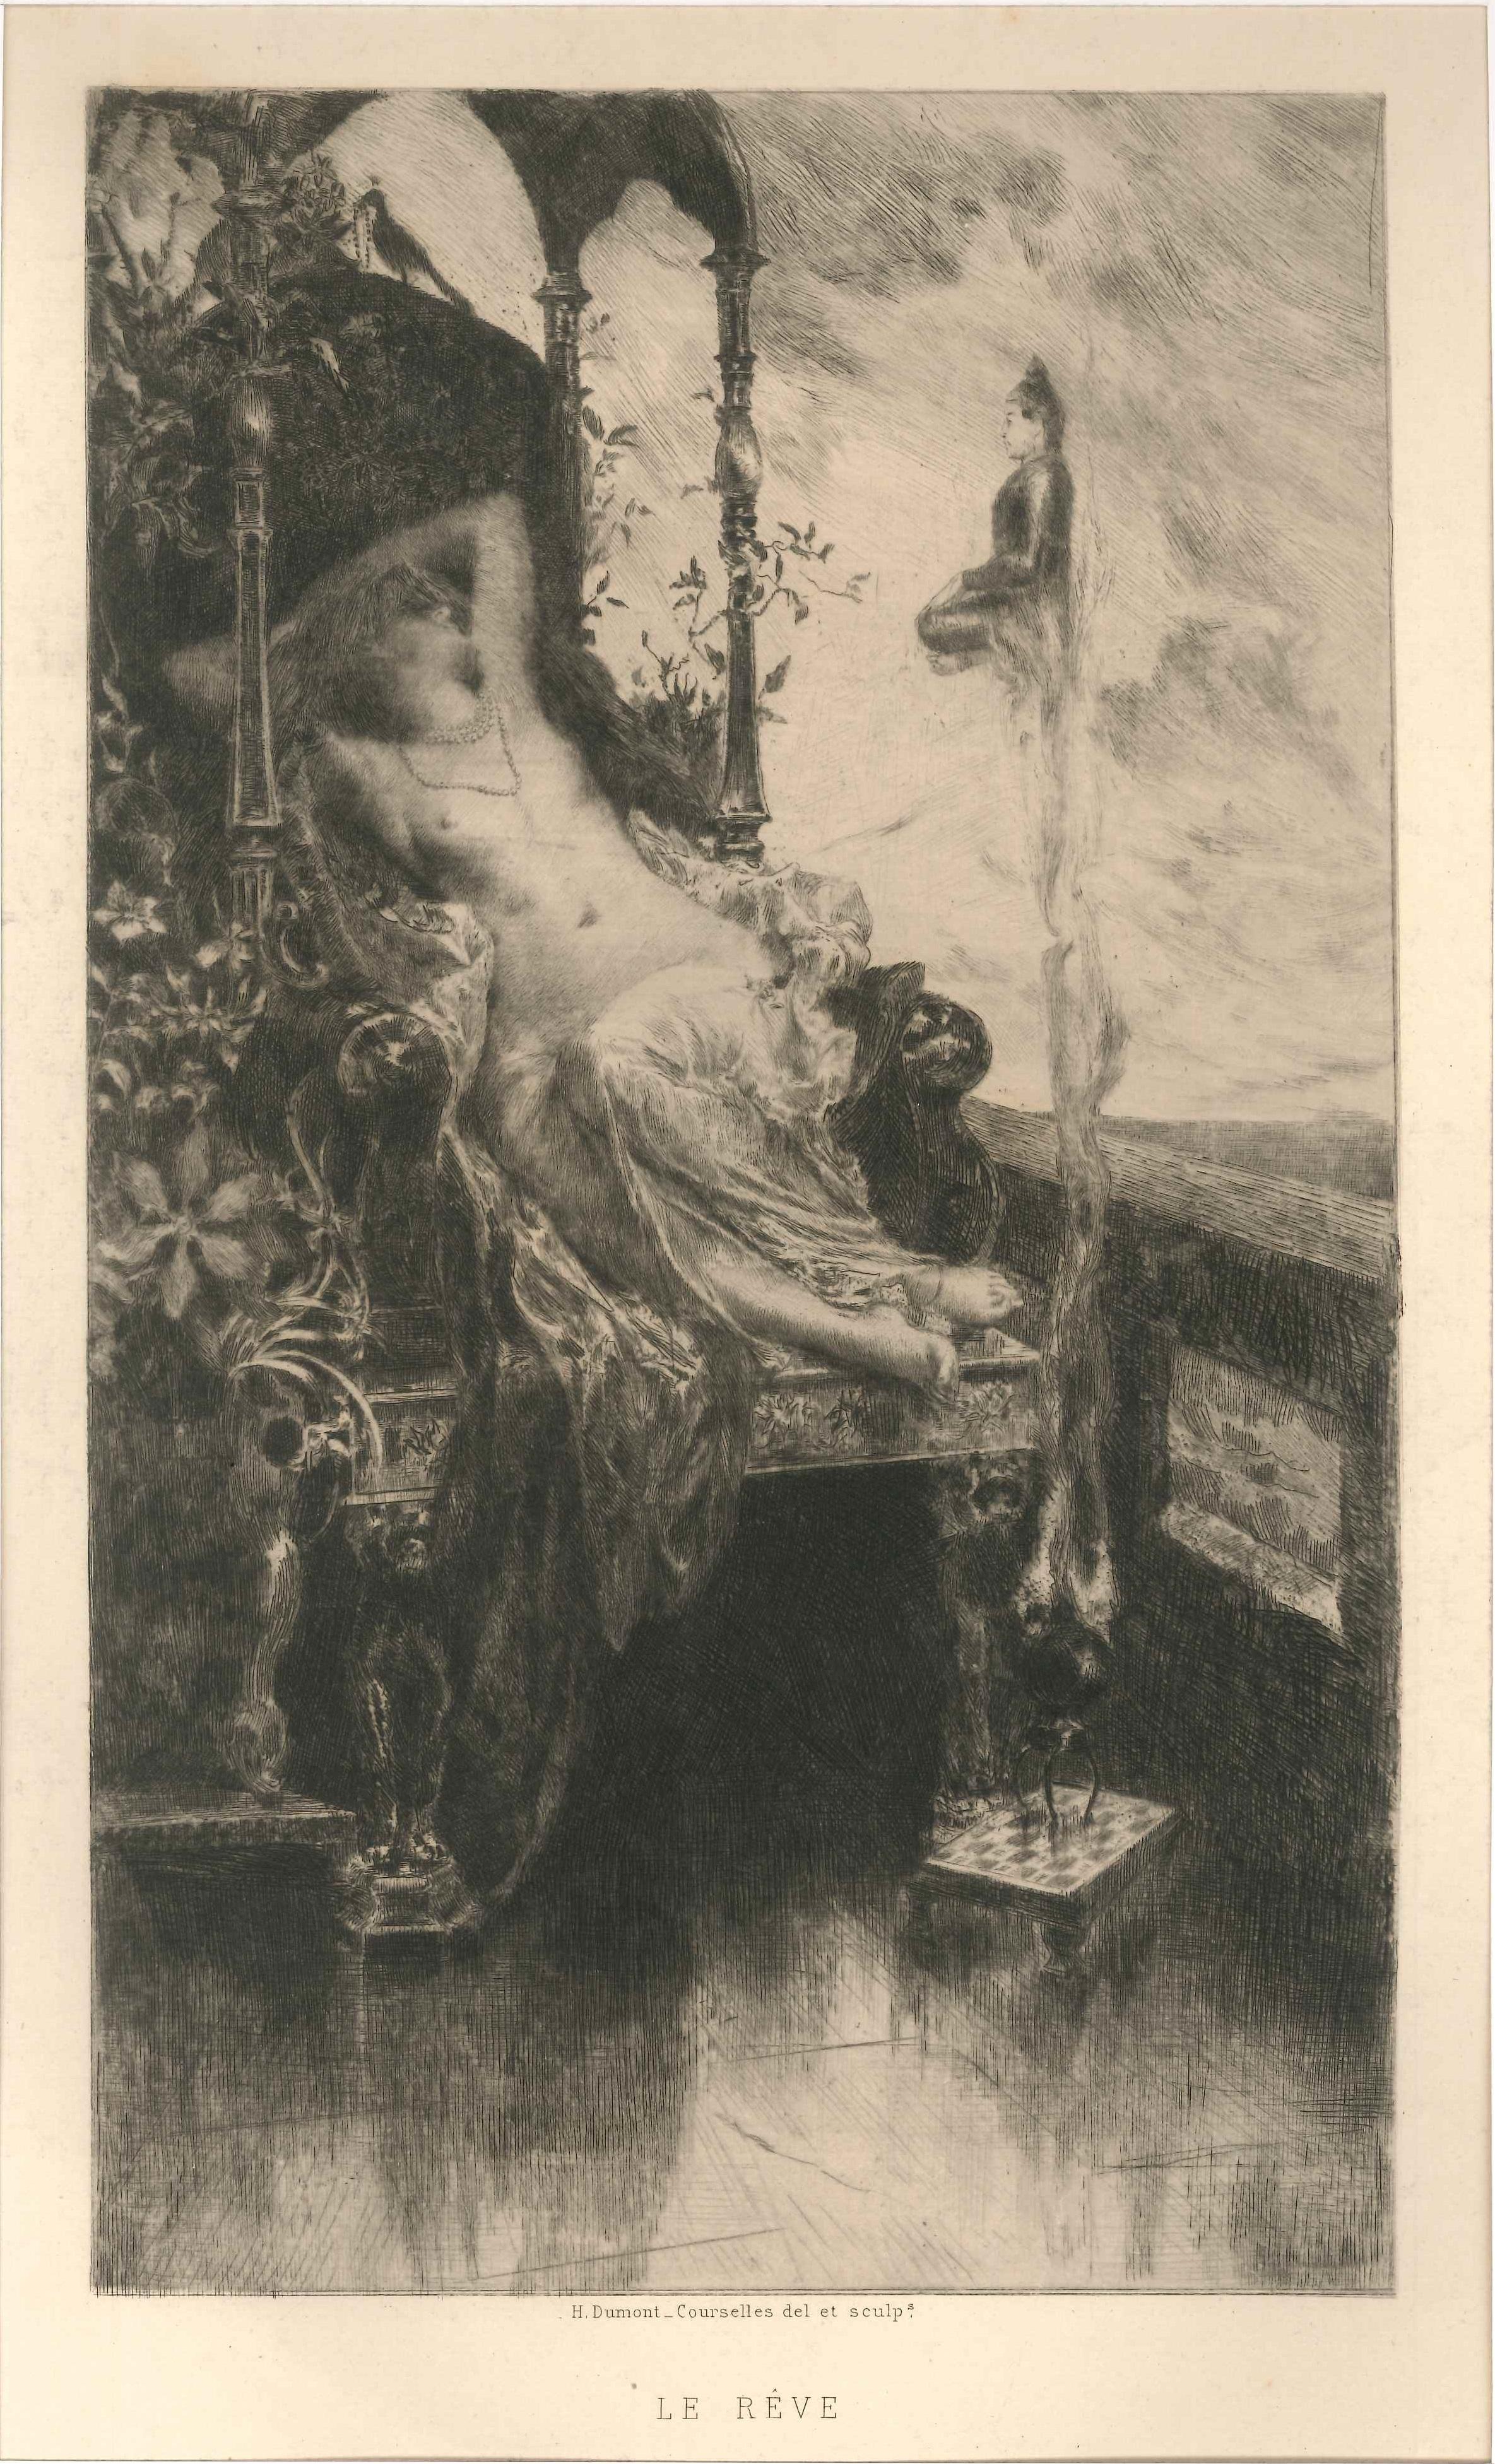 Le Rêve - Original Etching by H. D. Courselles - 1890s